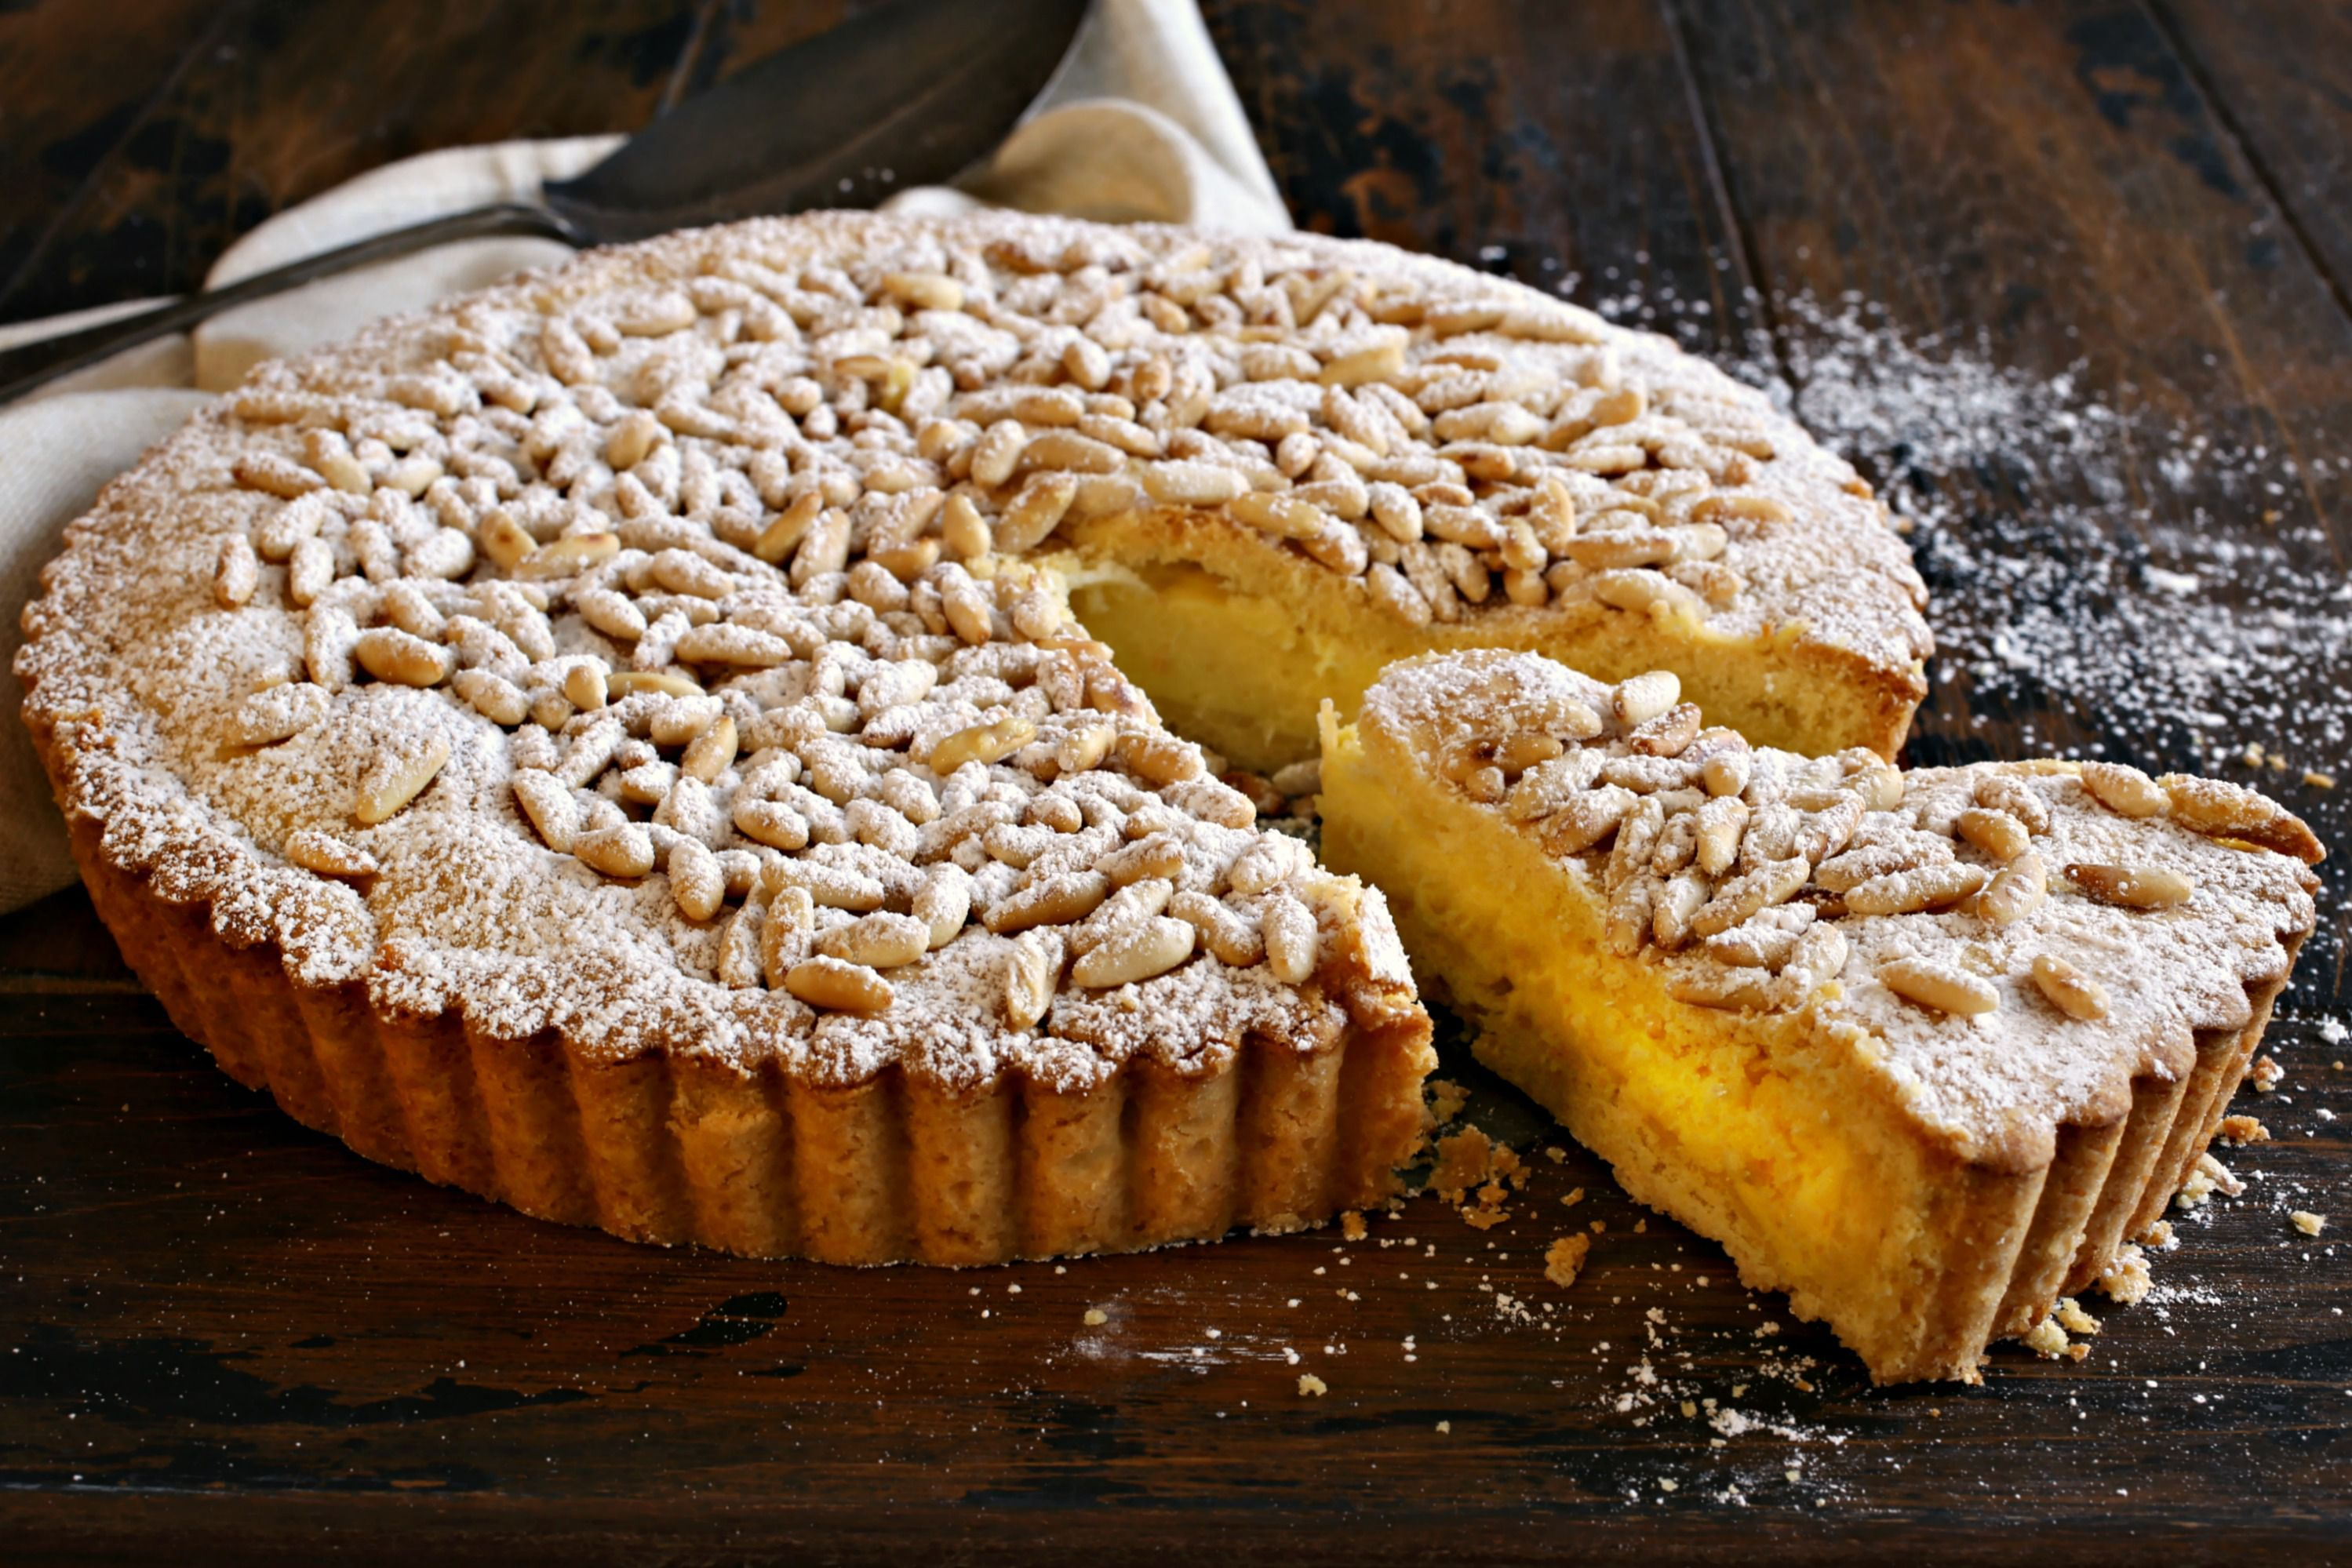 Bake Up a Torta Della Nonna That Rivals Any Italian Bakery Tart